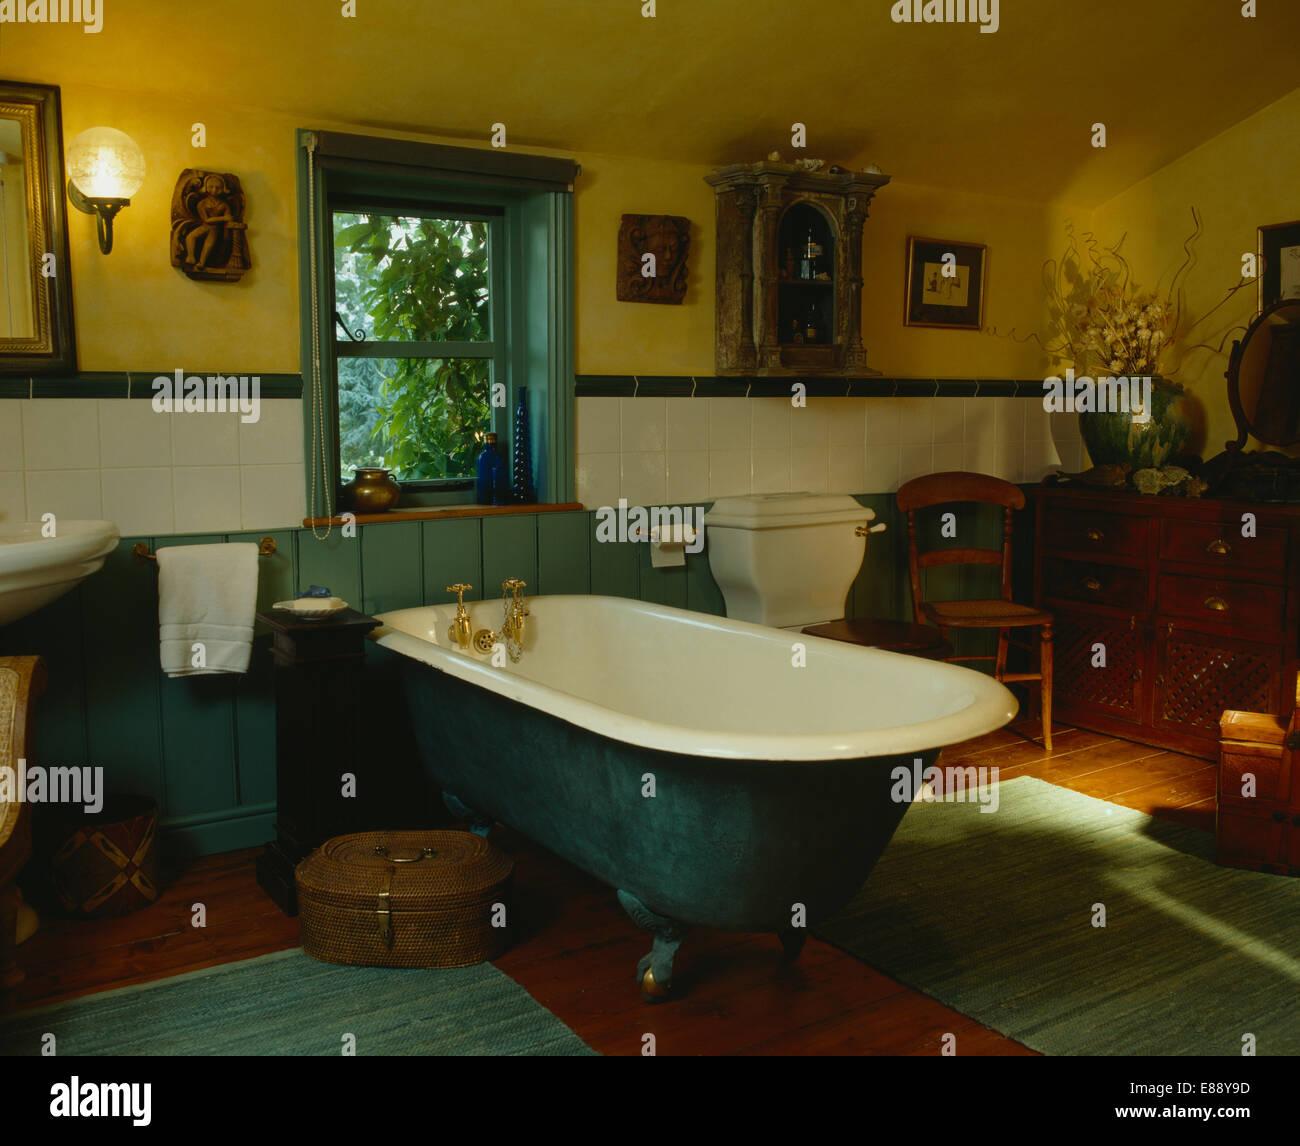 Baignoire verte en pays salle de bains avec carrelage blanc langue ...